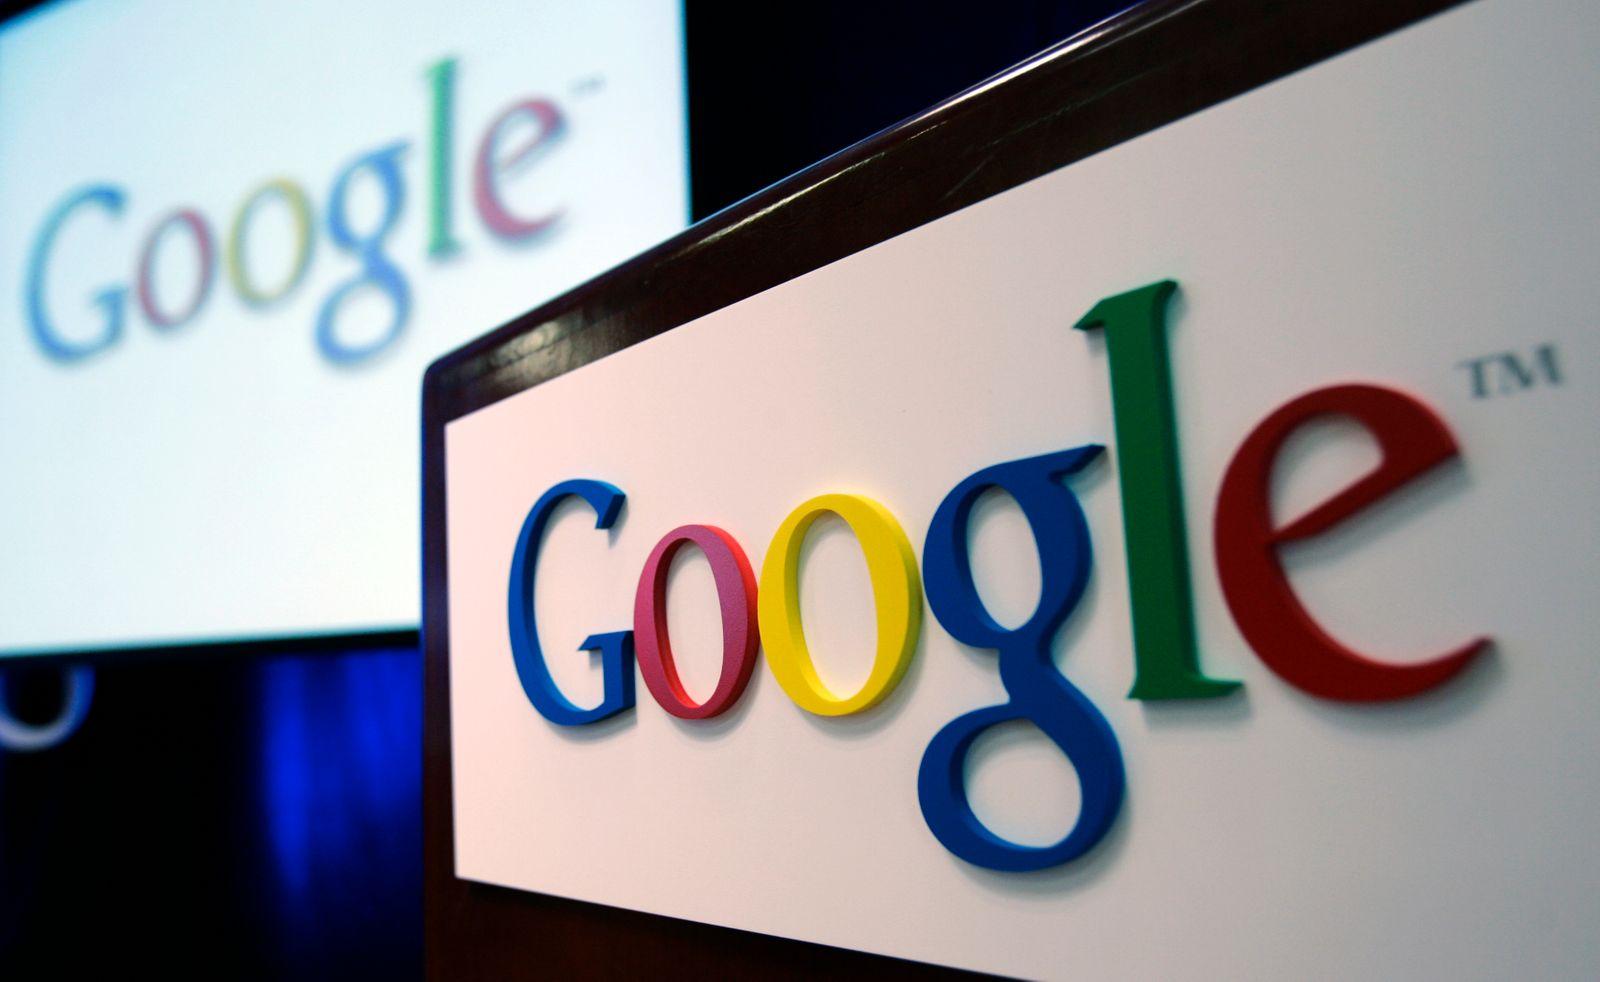 Google Logo / DoubleClick Antitrust